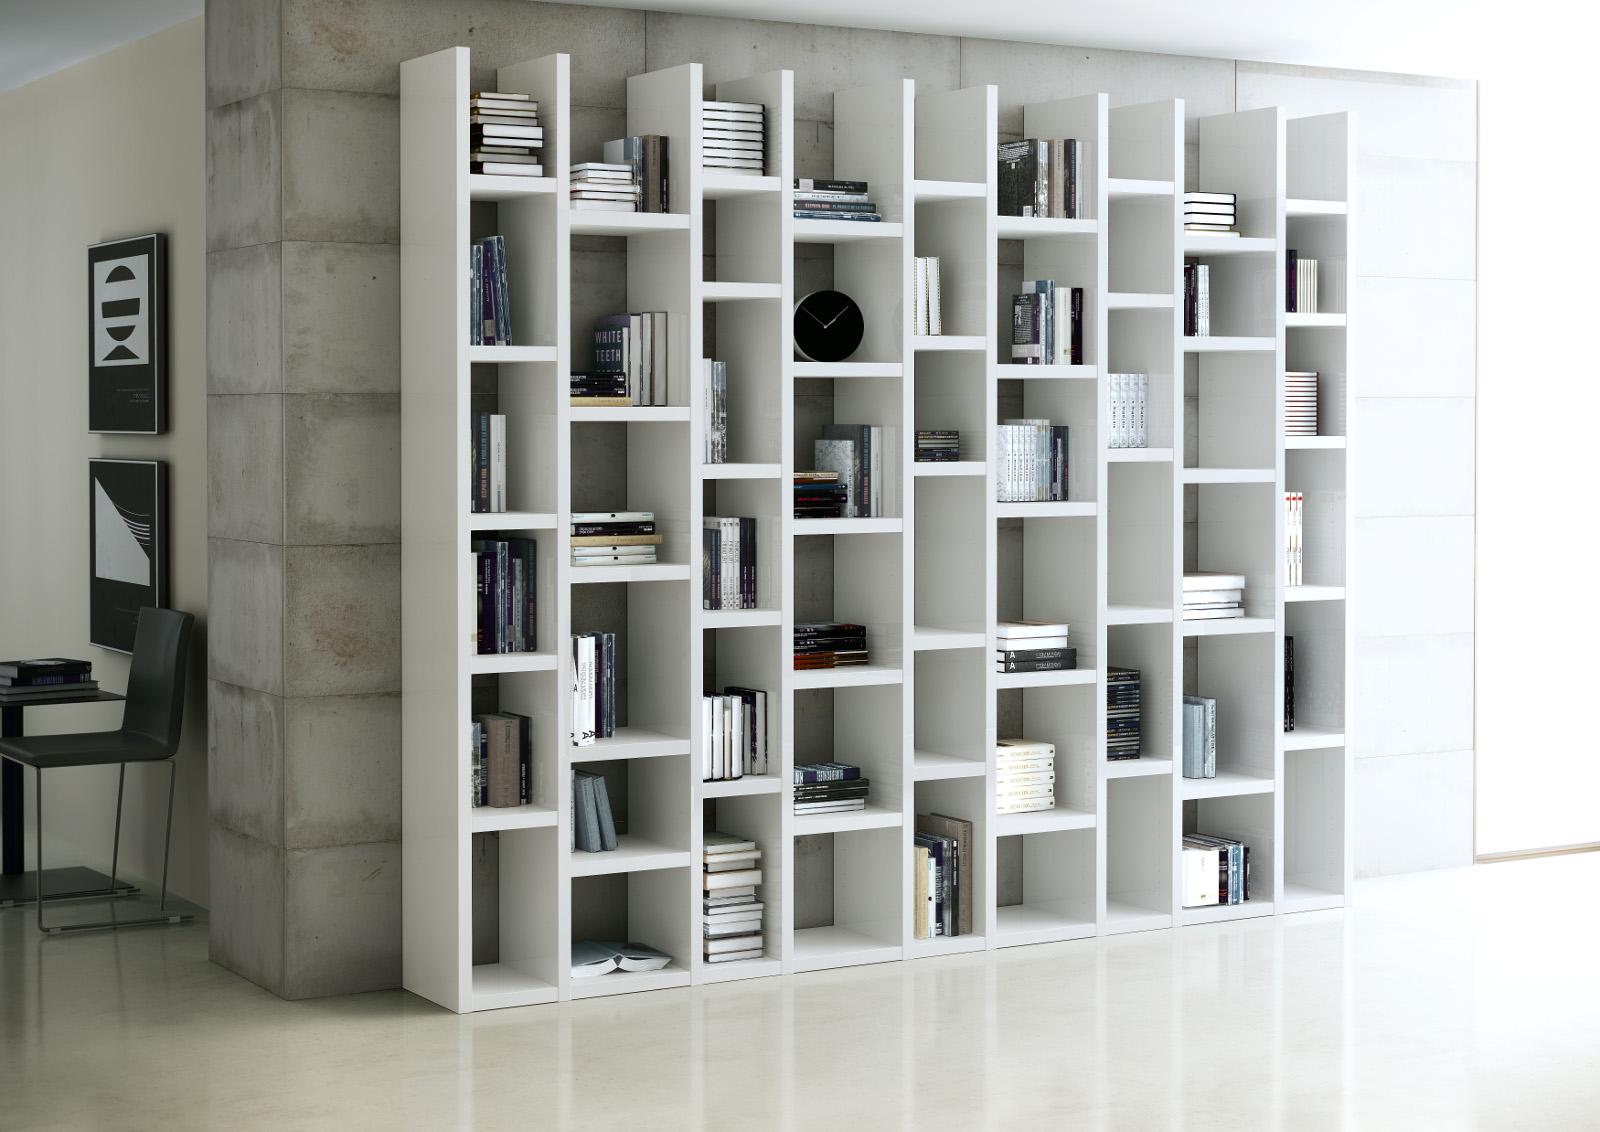 Bücherwand Bücherregal Raumteiler MDor Dekor Lack weiß Hochglanz